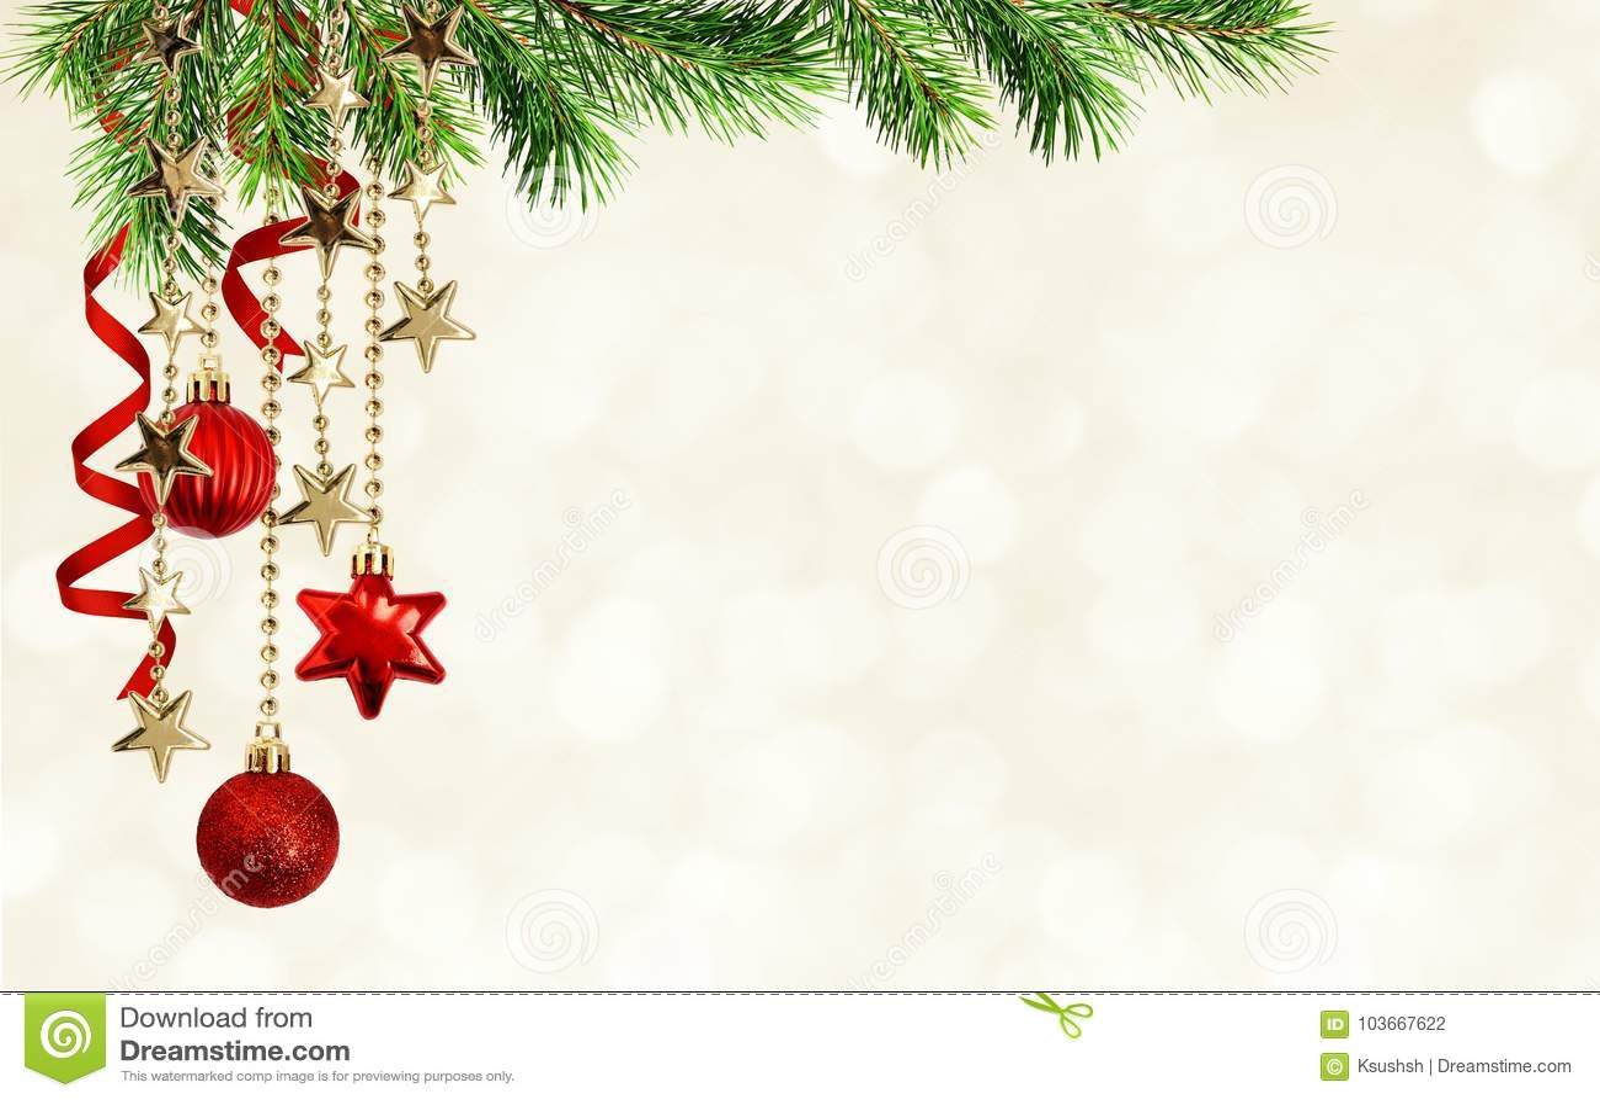 Предпосылка с зелеными хворостинами сосны, вися красное decorati рождества